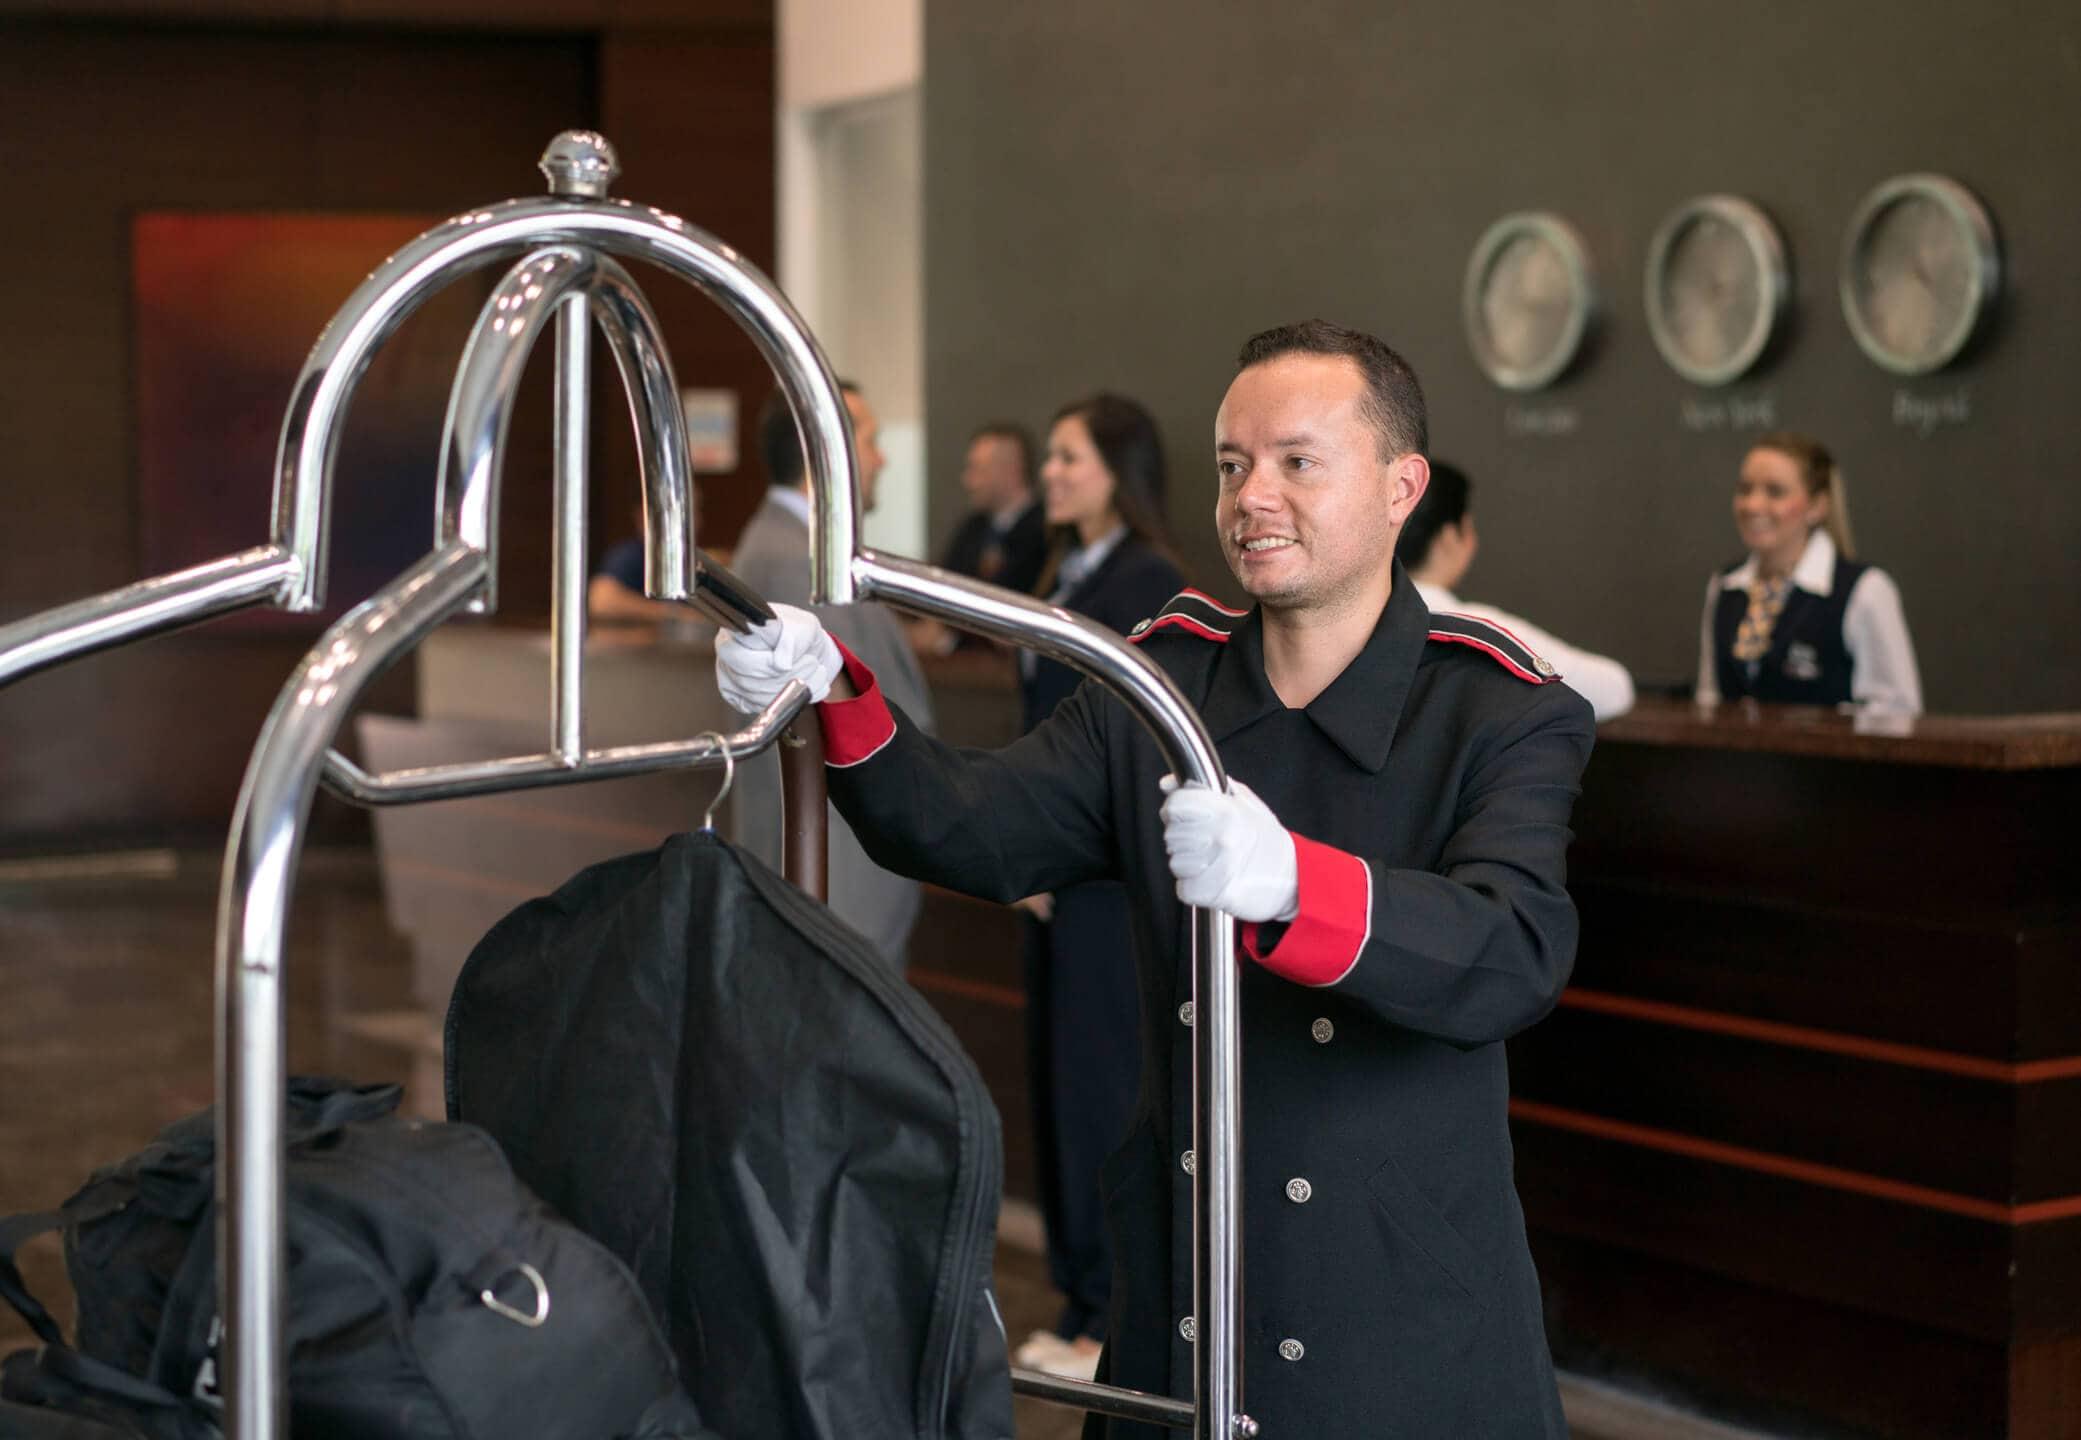 Descubra aqui porque o convênio com hotéis é uma maneria 100% garantida para sua empresa economizar com viagens e realização de eventos.